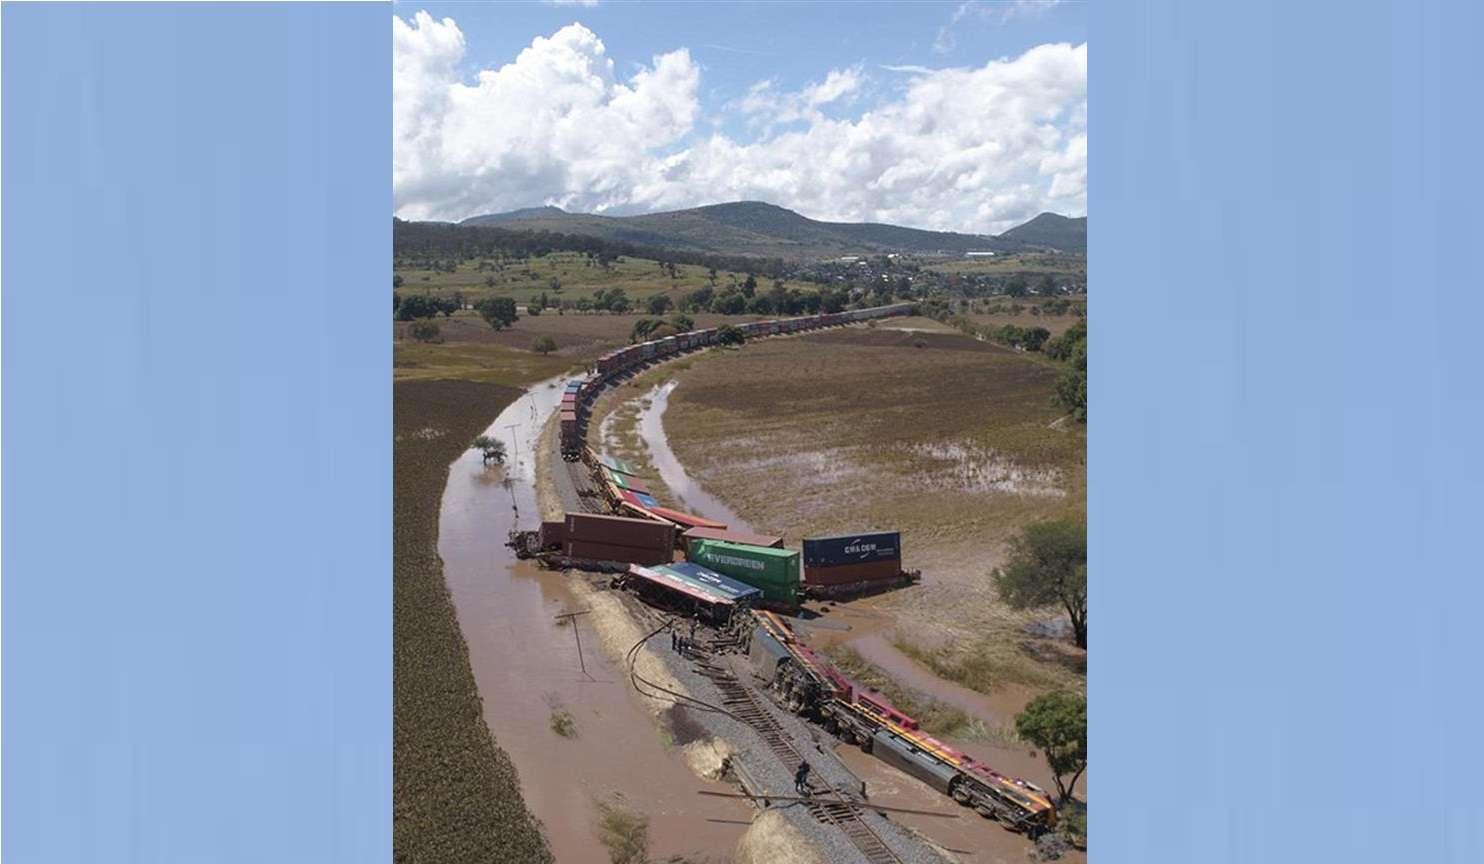 Un tren de la Kansas City Southern se observa descarrilado en el tramo de Morelia-Charo, tras las intensas lluvias que las tormentas afectan a México y el huracán Willa. EFE